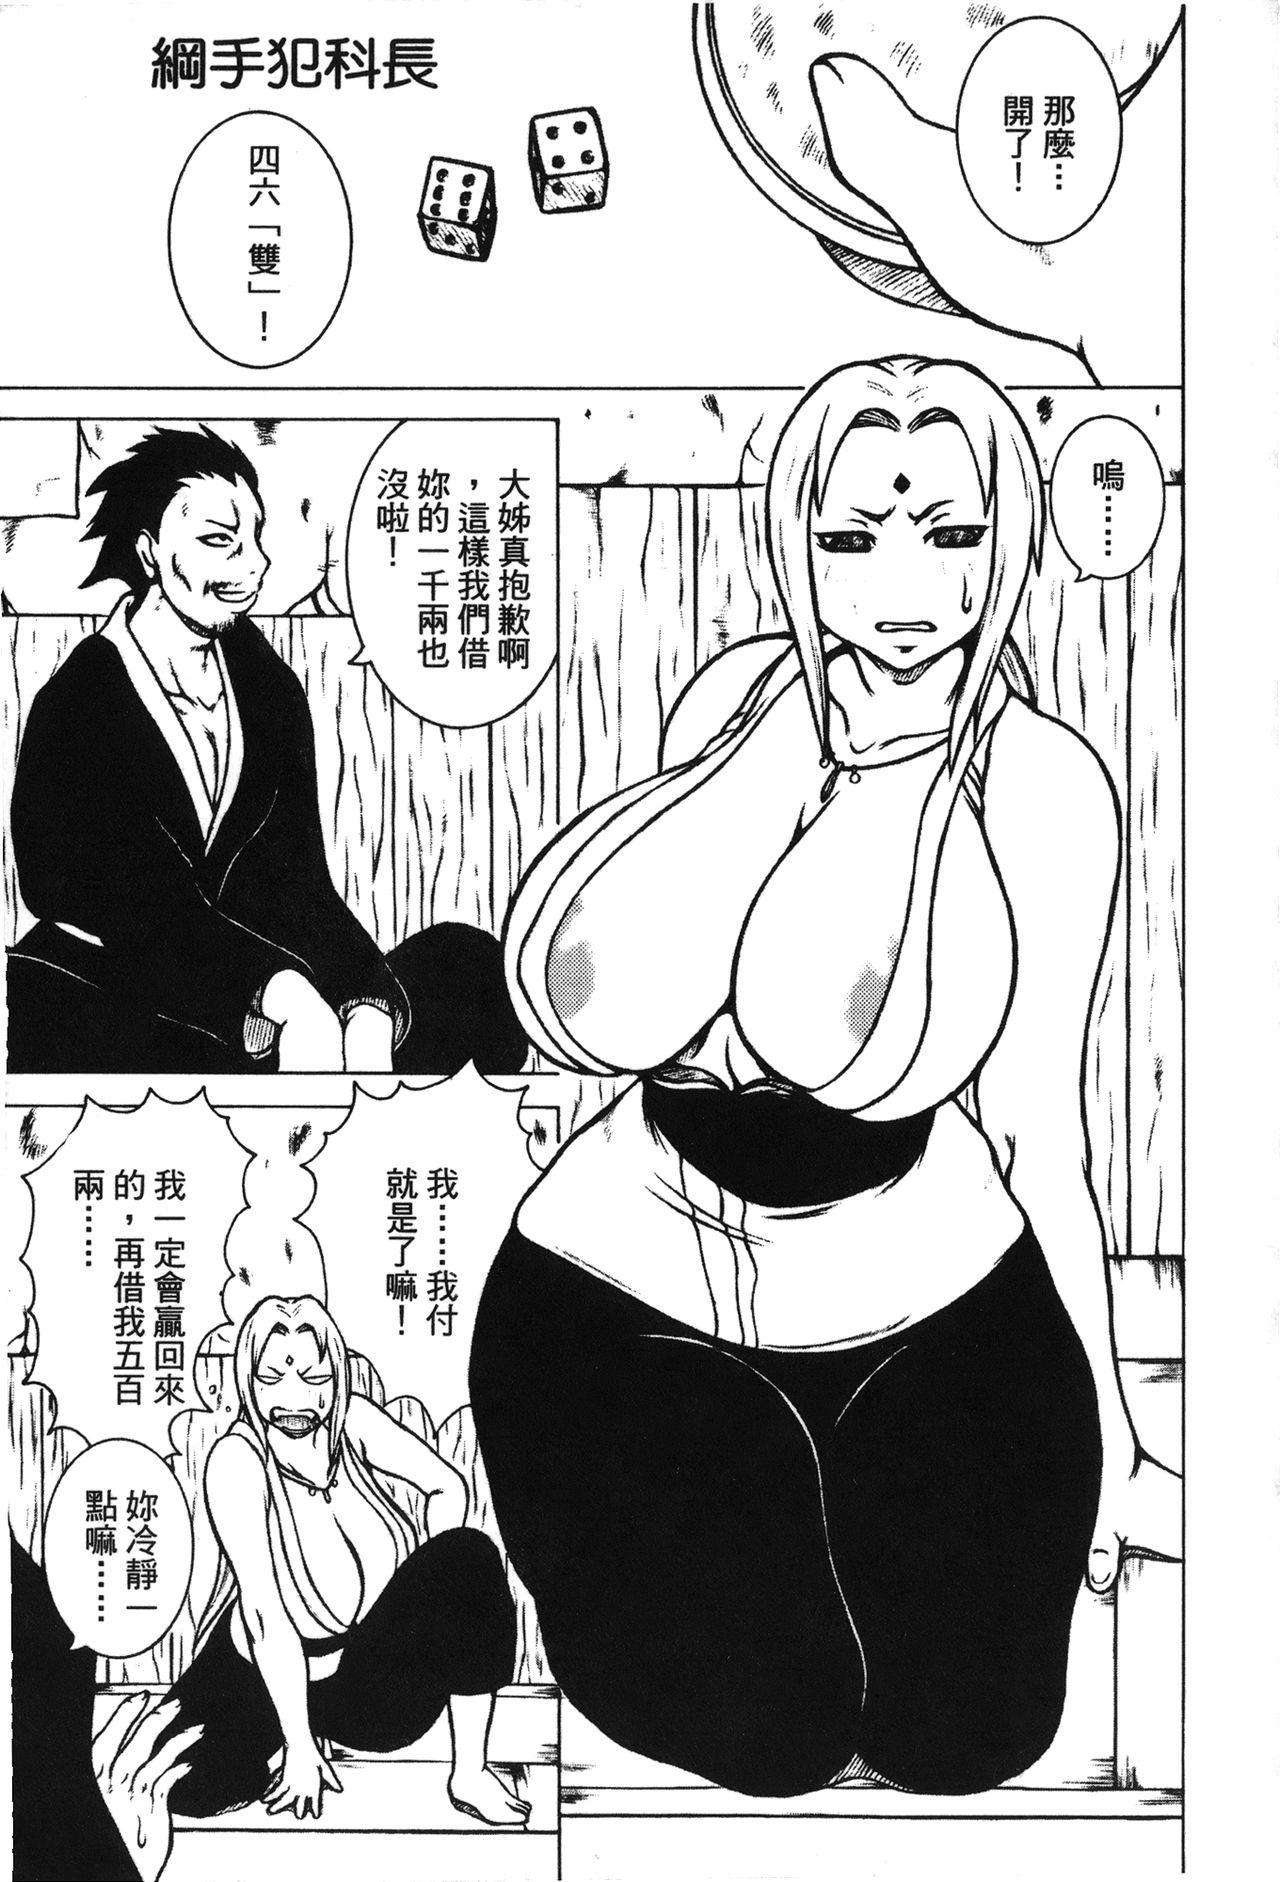 naruto ninja biography vol.02 127